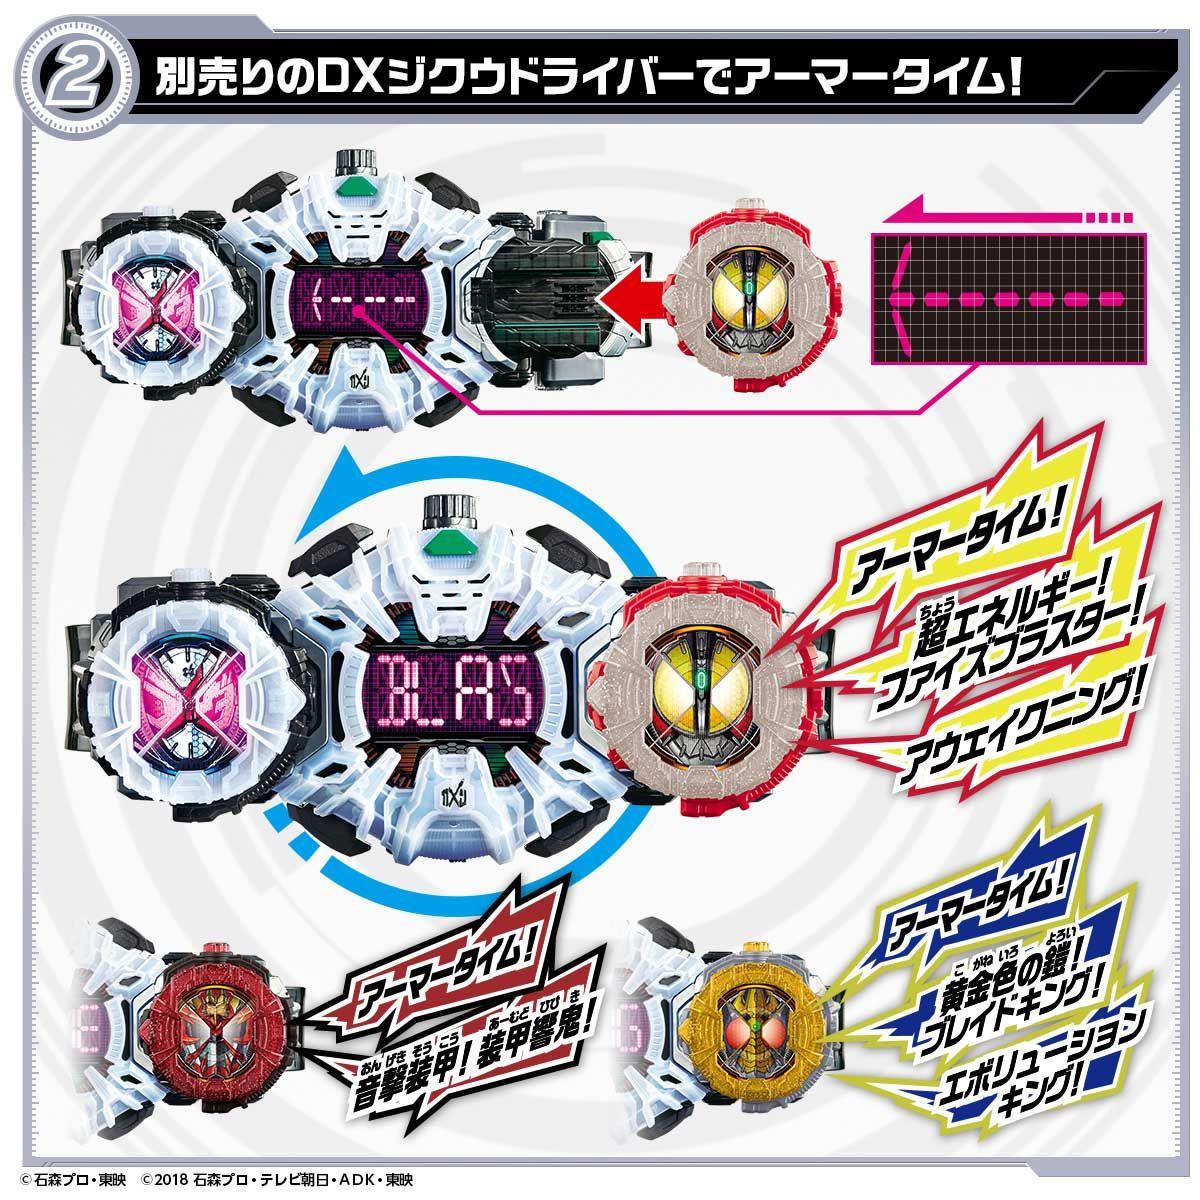 仮面ライダージオウ『DXライドウォッチセットVOL.2』変身なりきり-004